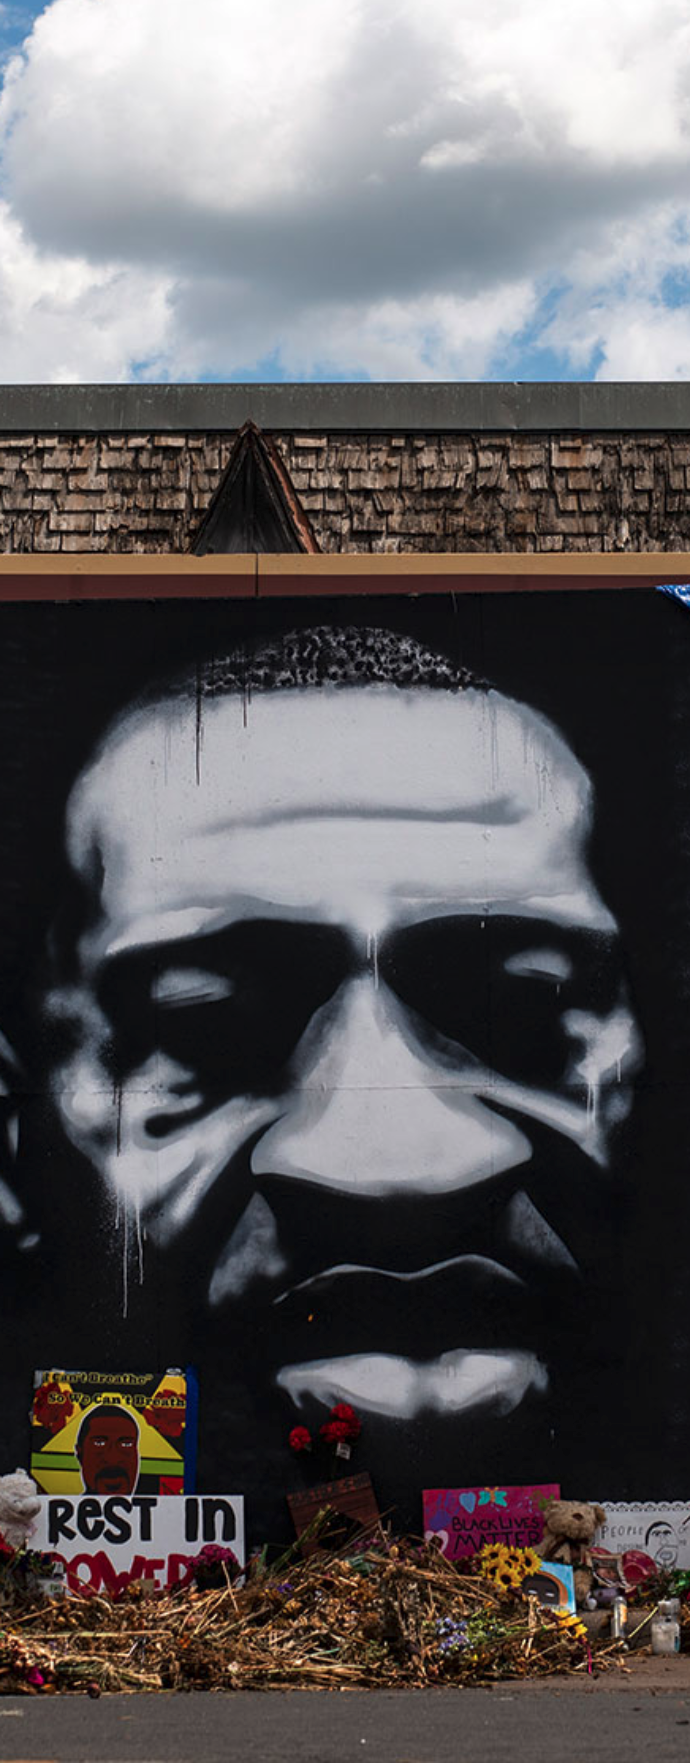 ジョージ・フロイドを追悼して描かれた壁画。ミネソタ州ミネアポリスにて。